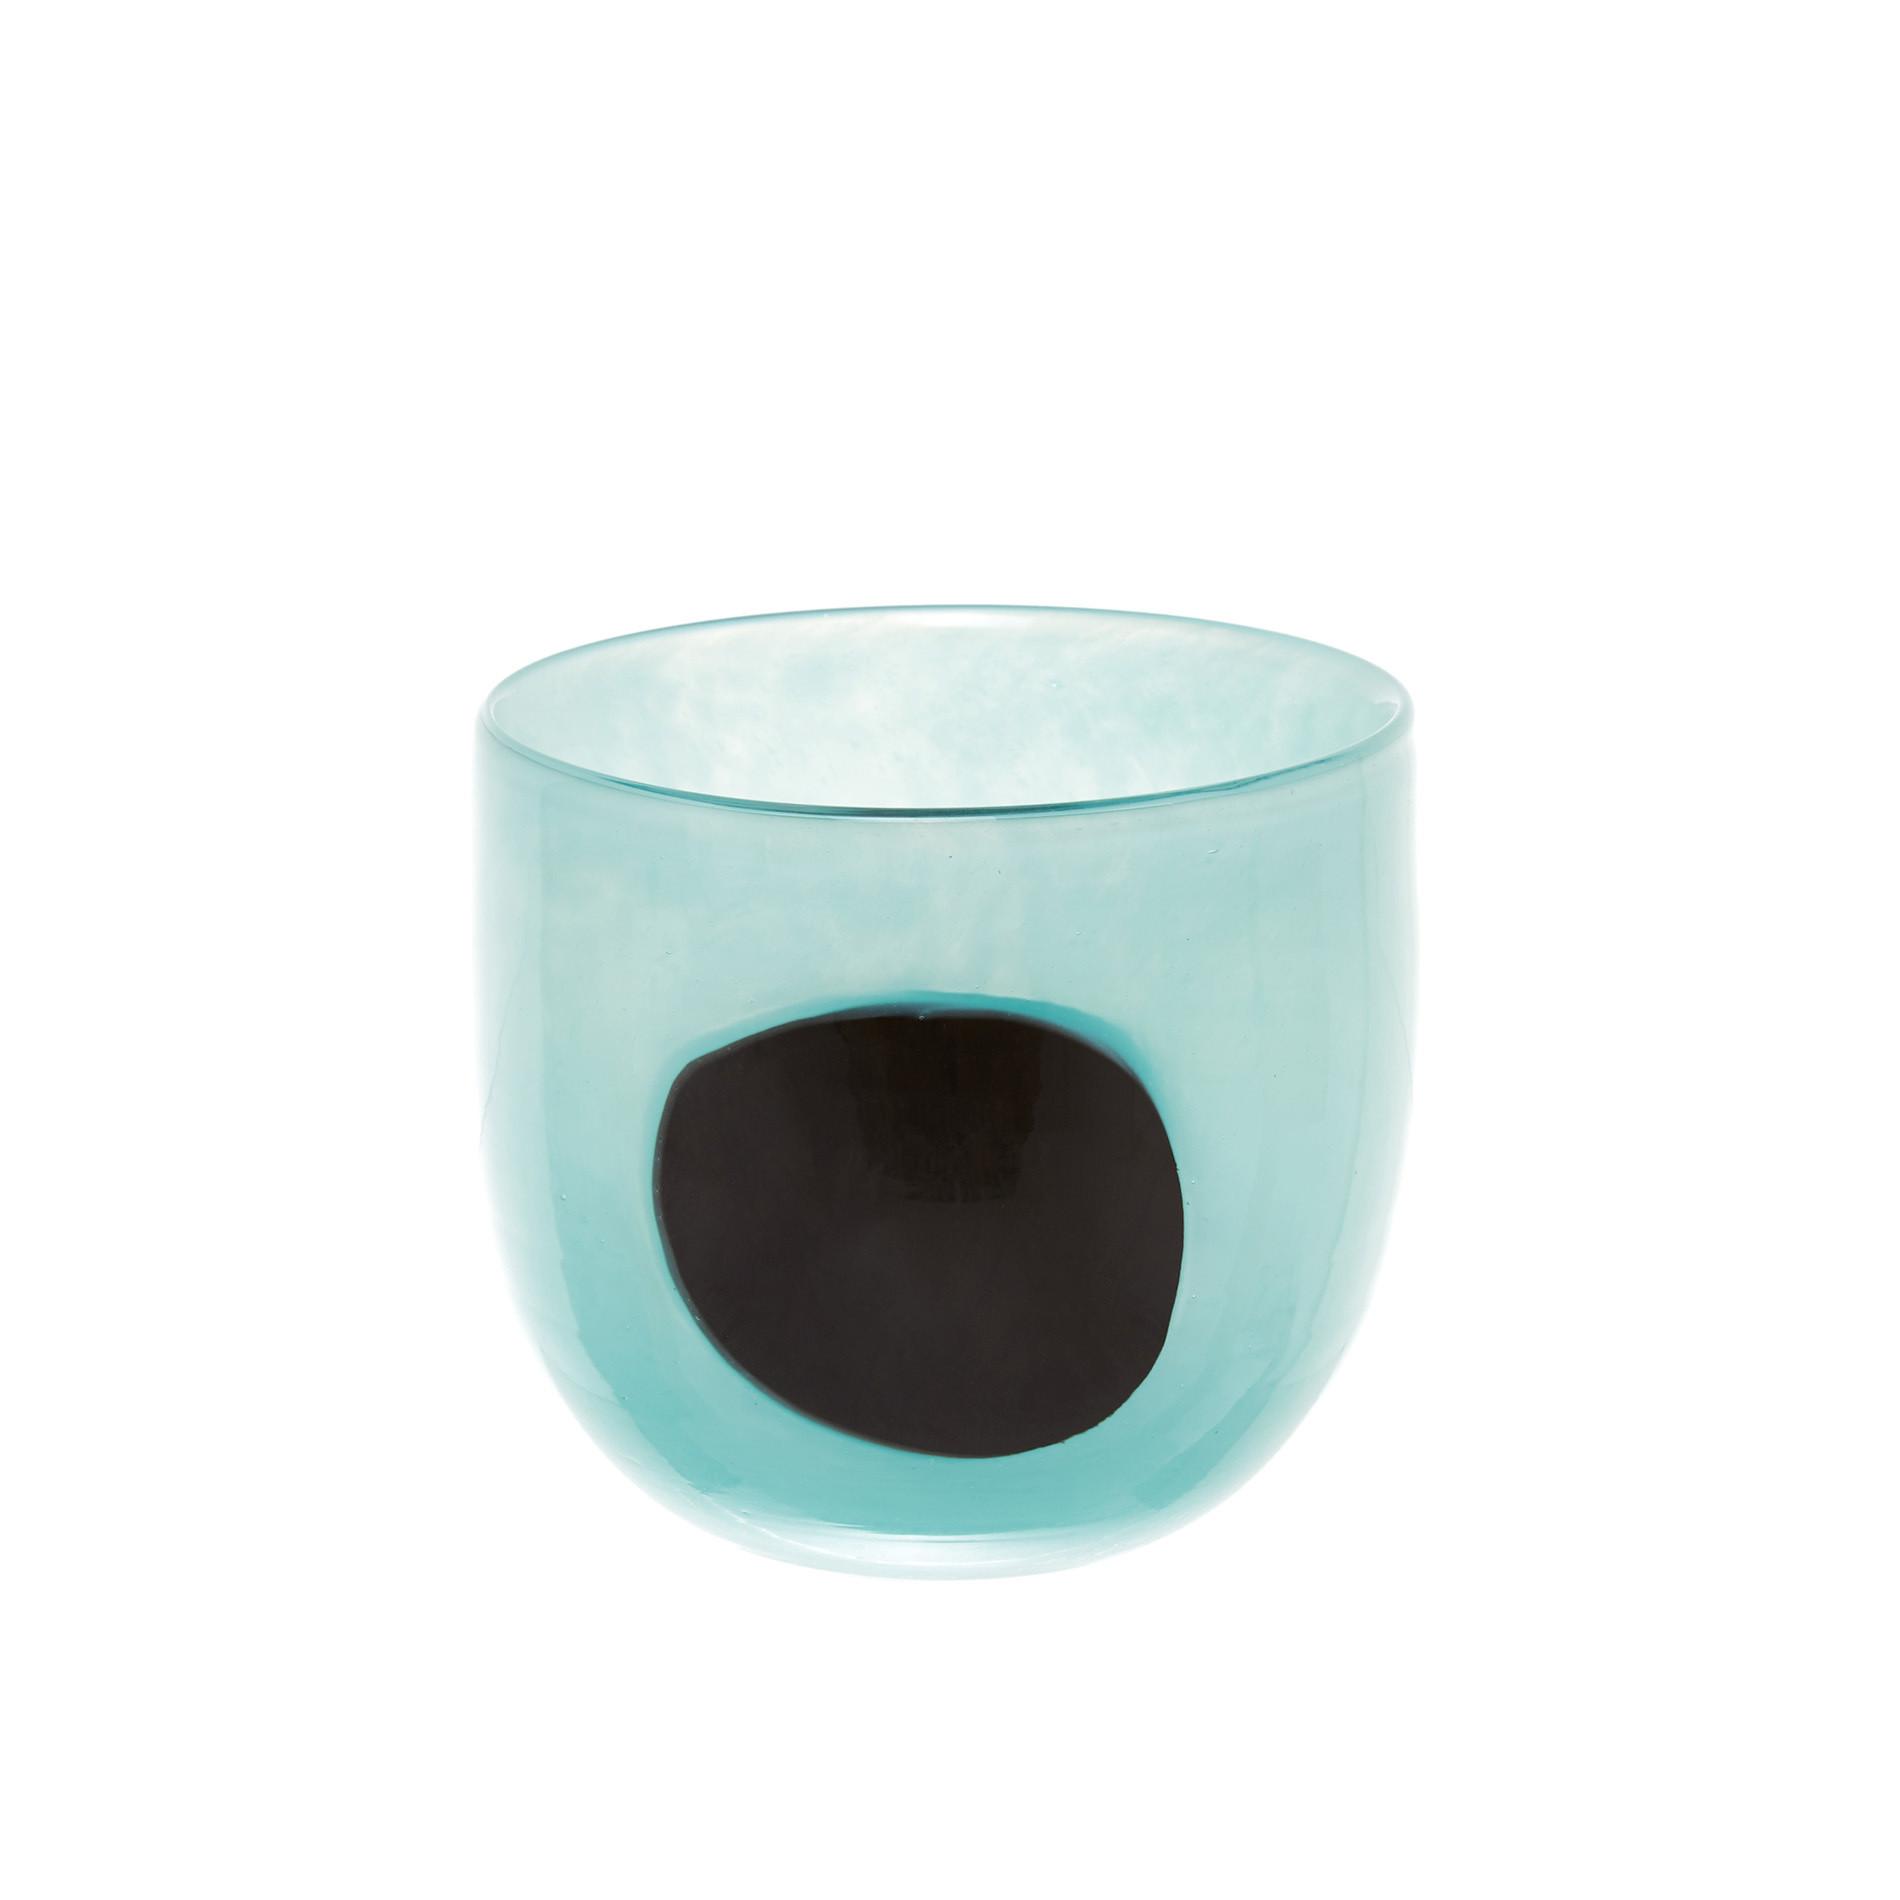 Vaso vetro colorato in pasta cerchio, Verde, large image number 0